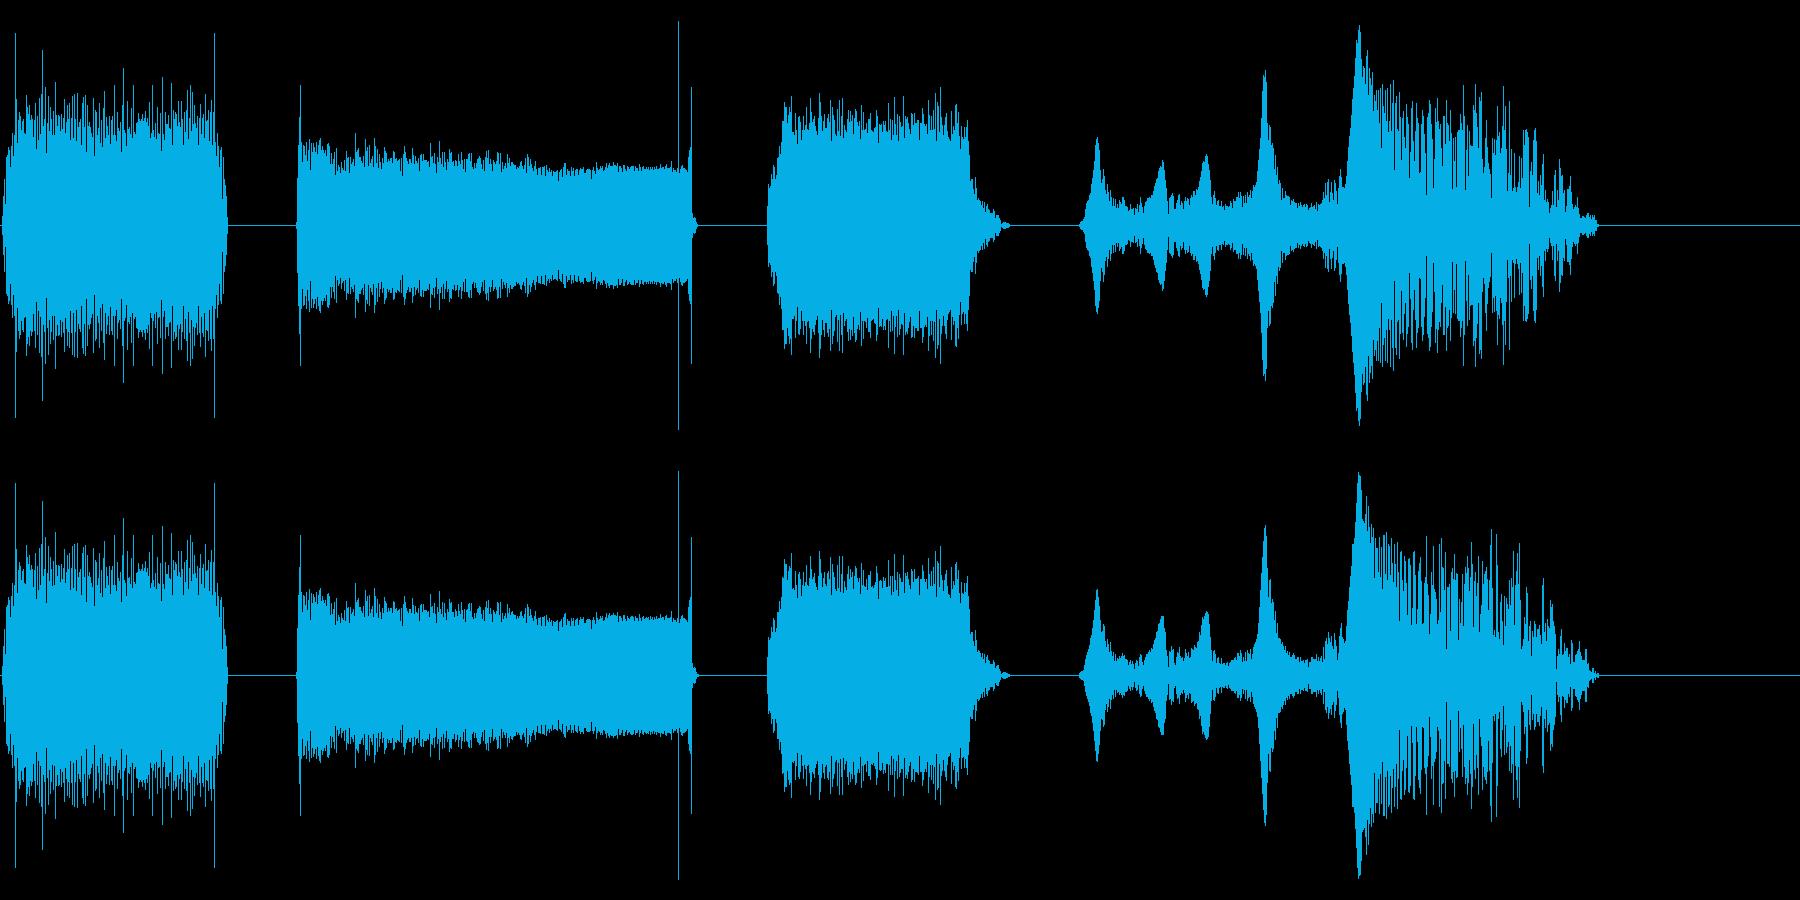 電源、レーザー、アップおよびアウトX4の再生済みの波形